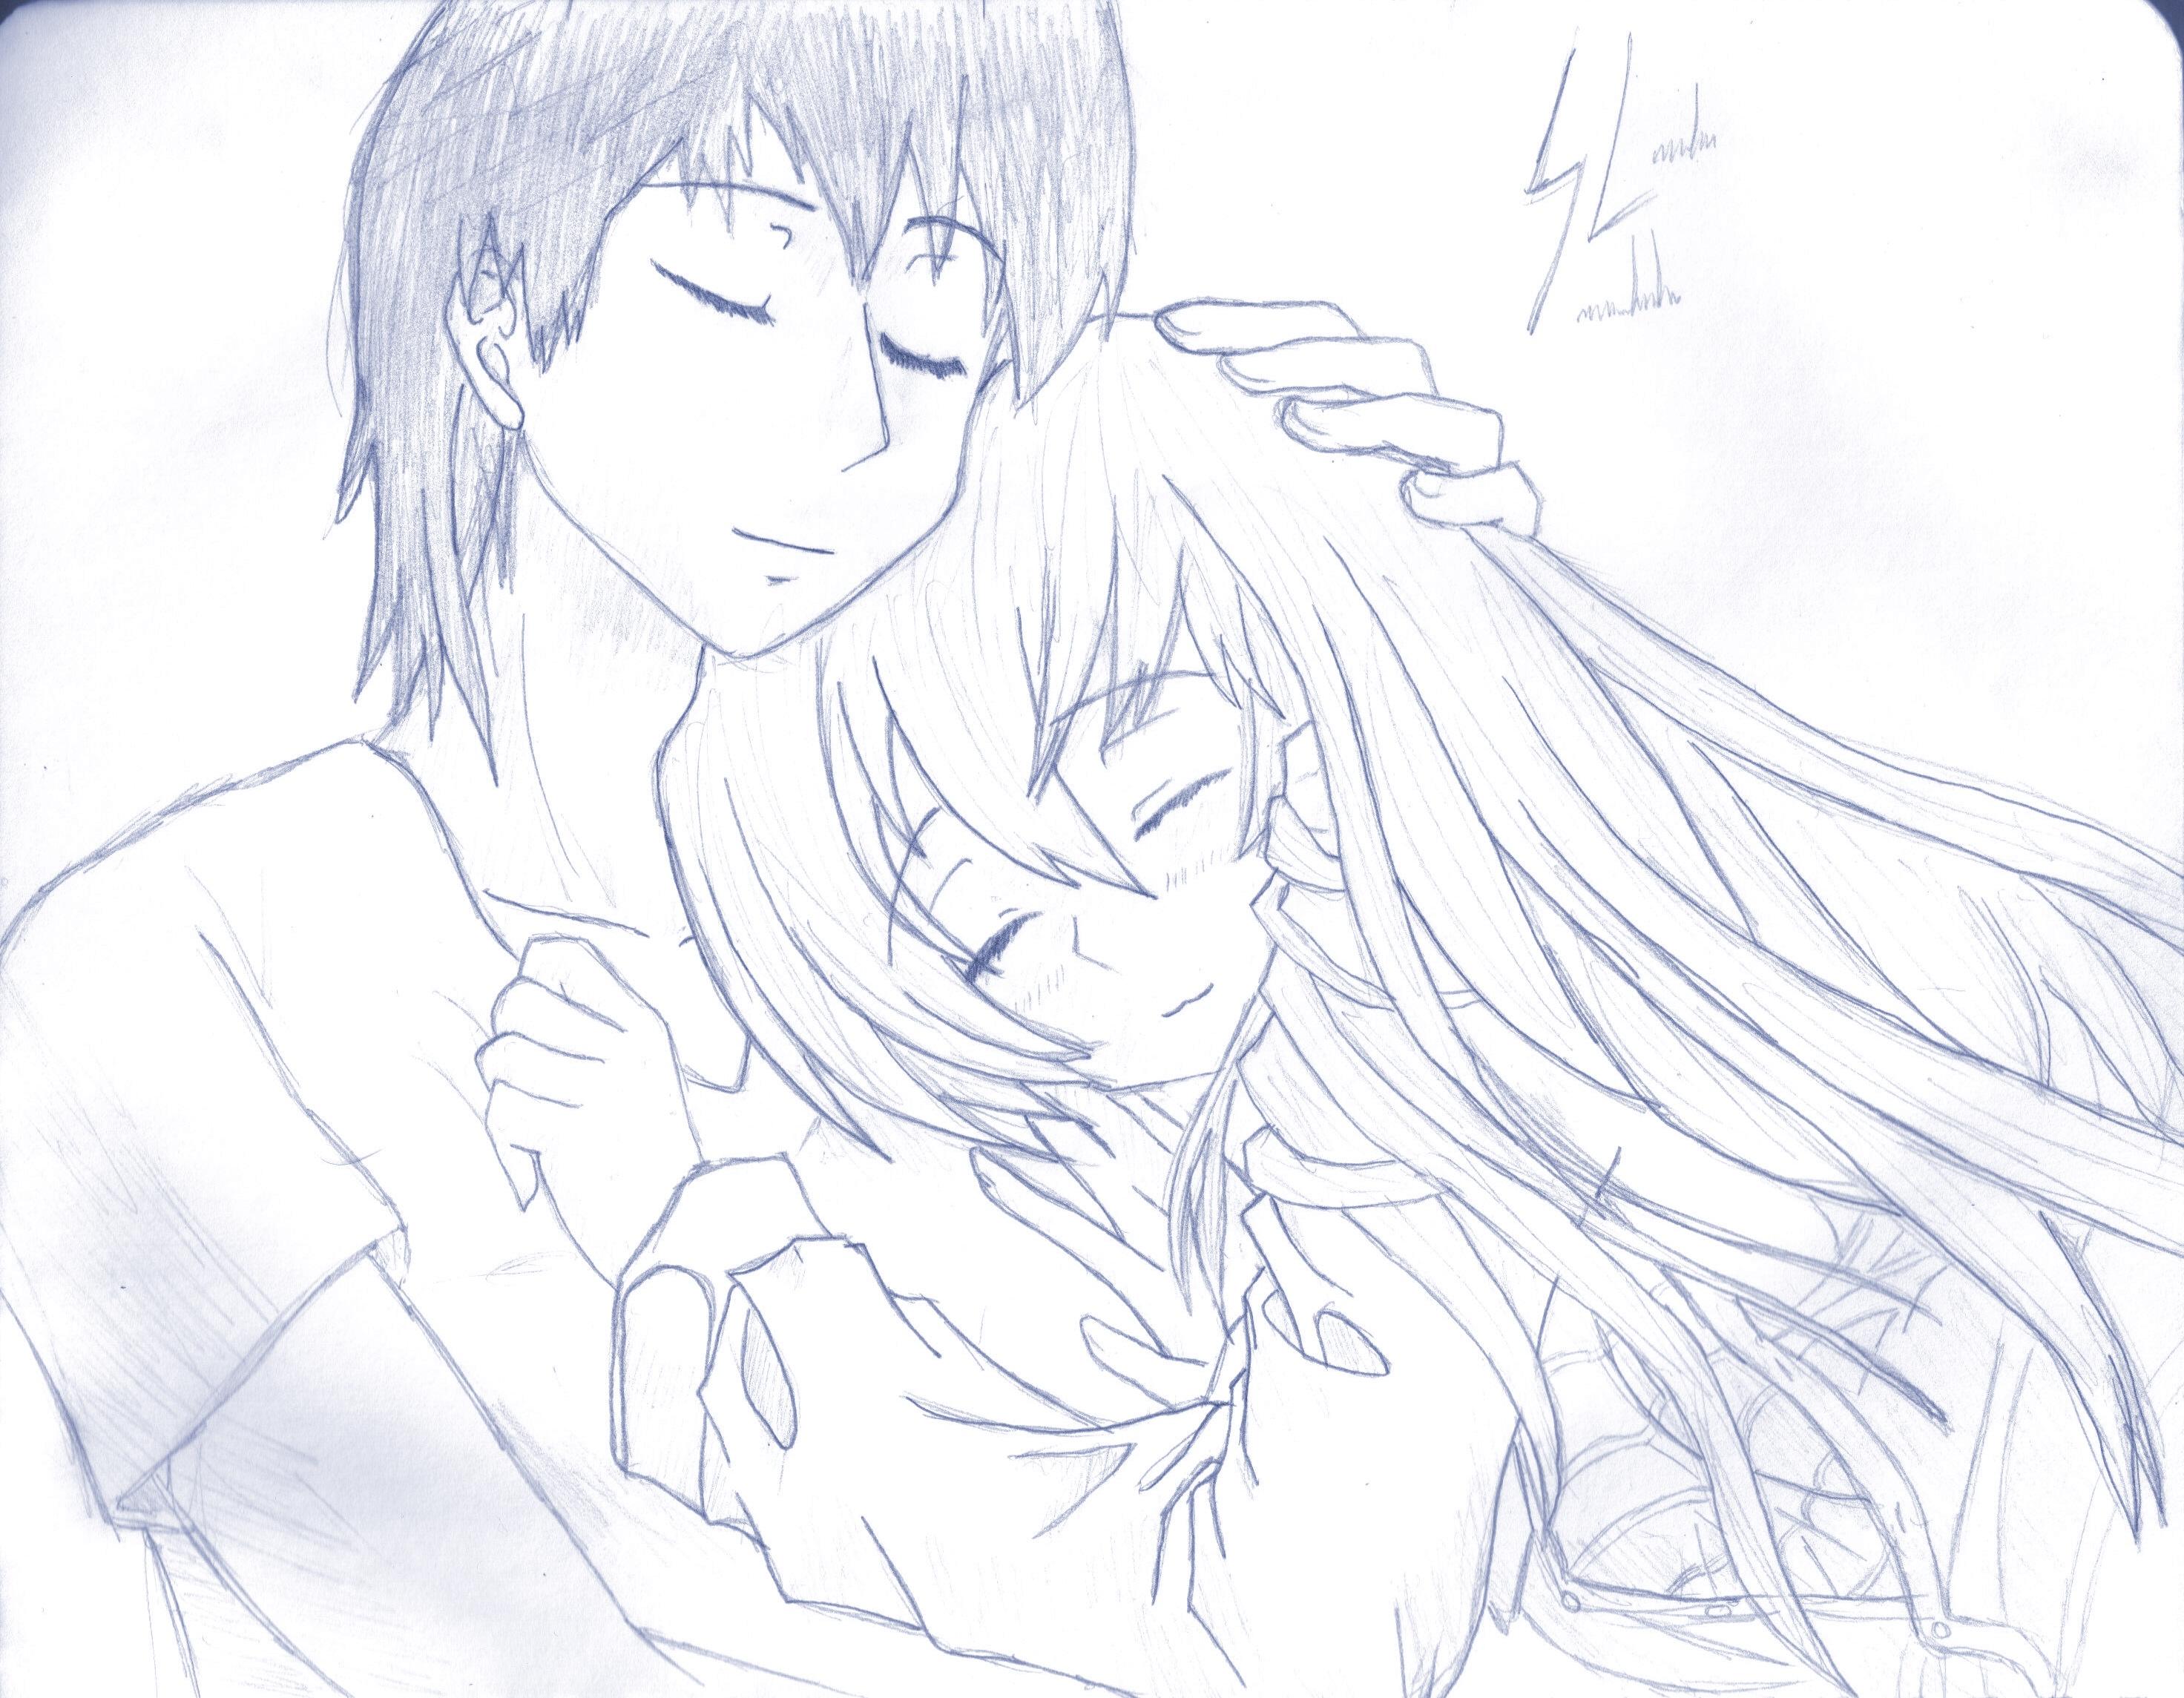 Anime Love by GreatSL on DeviantArt